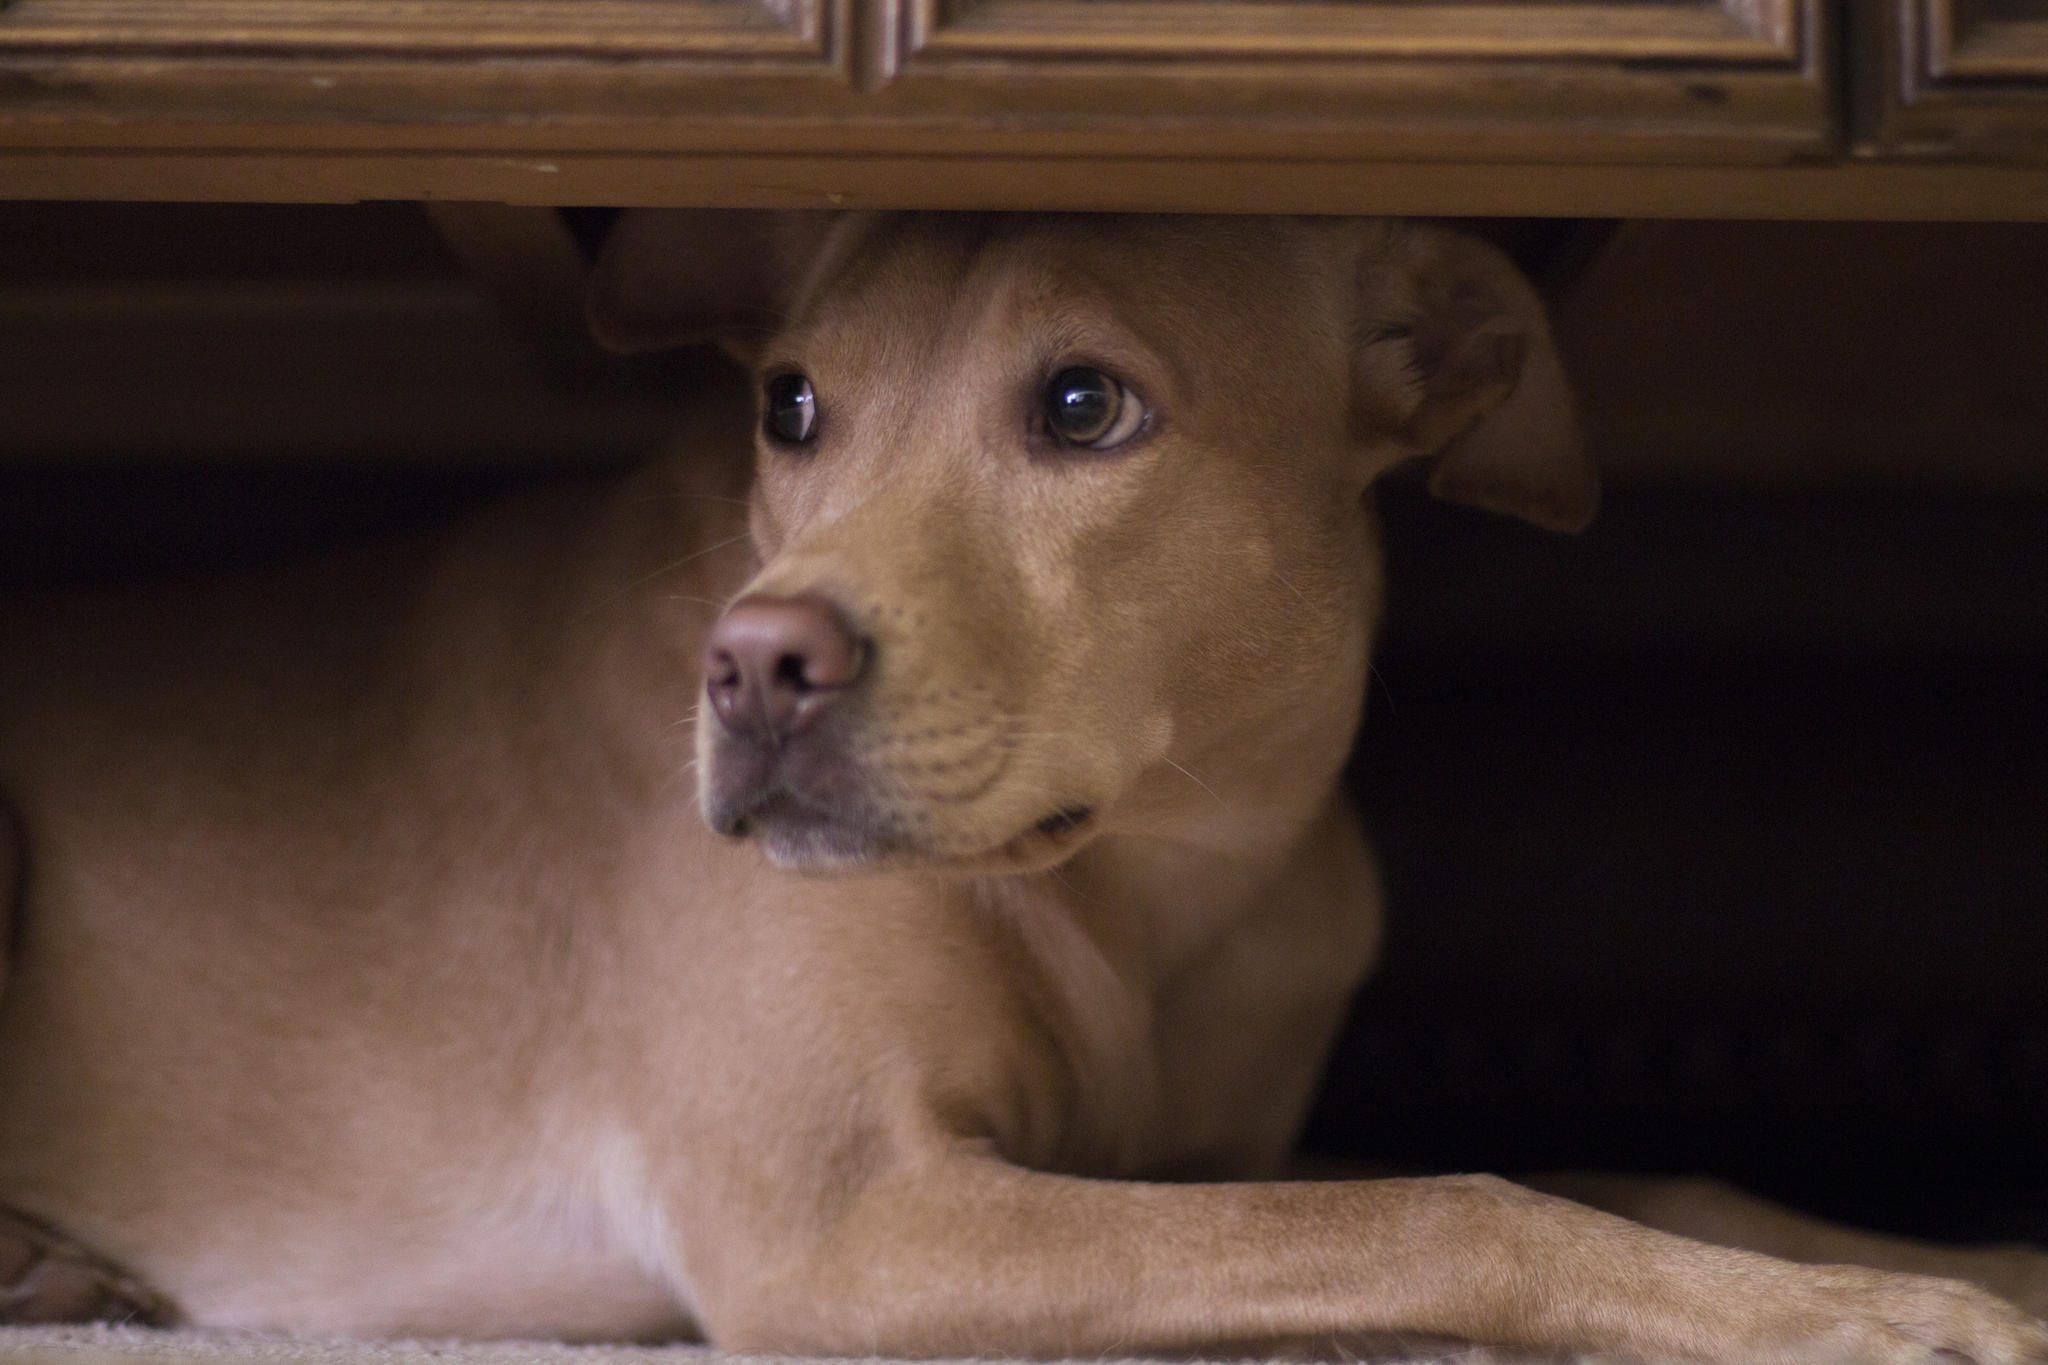 Hund stirbt in den Armen seines Herrchens - Grausame Szene geht viral | Welt